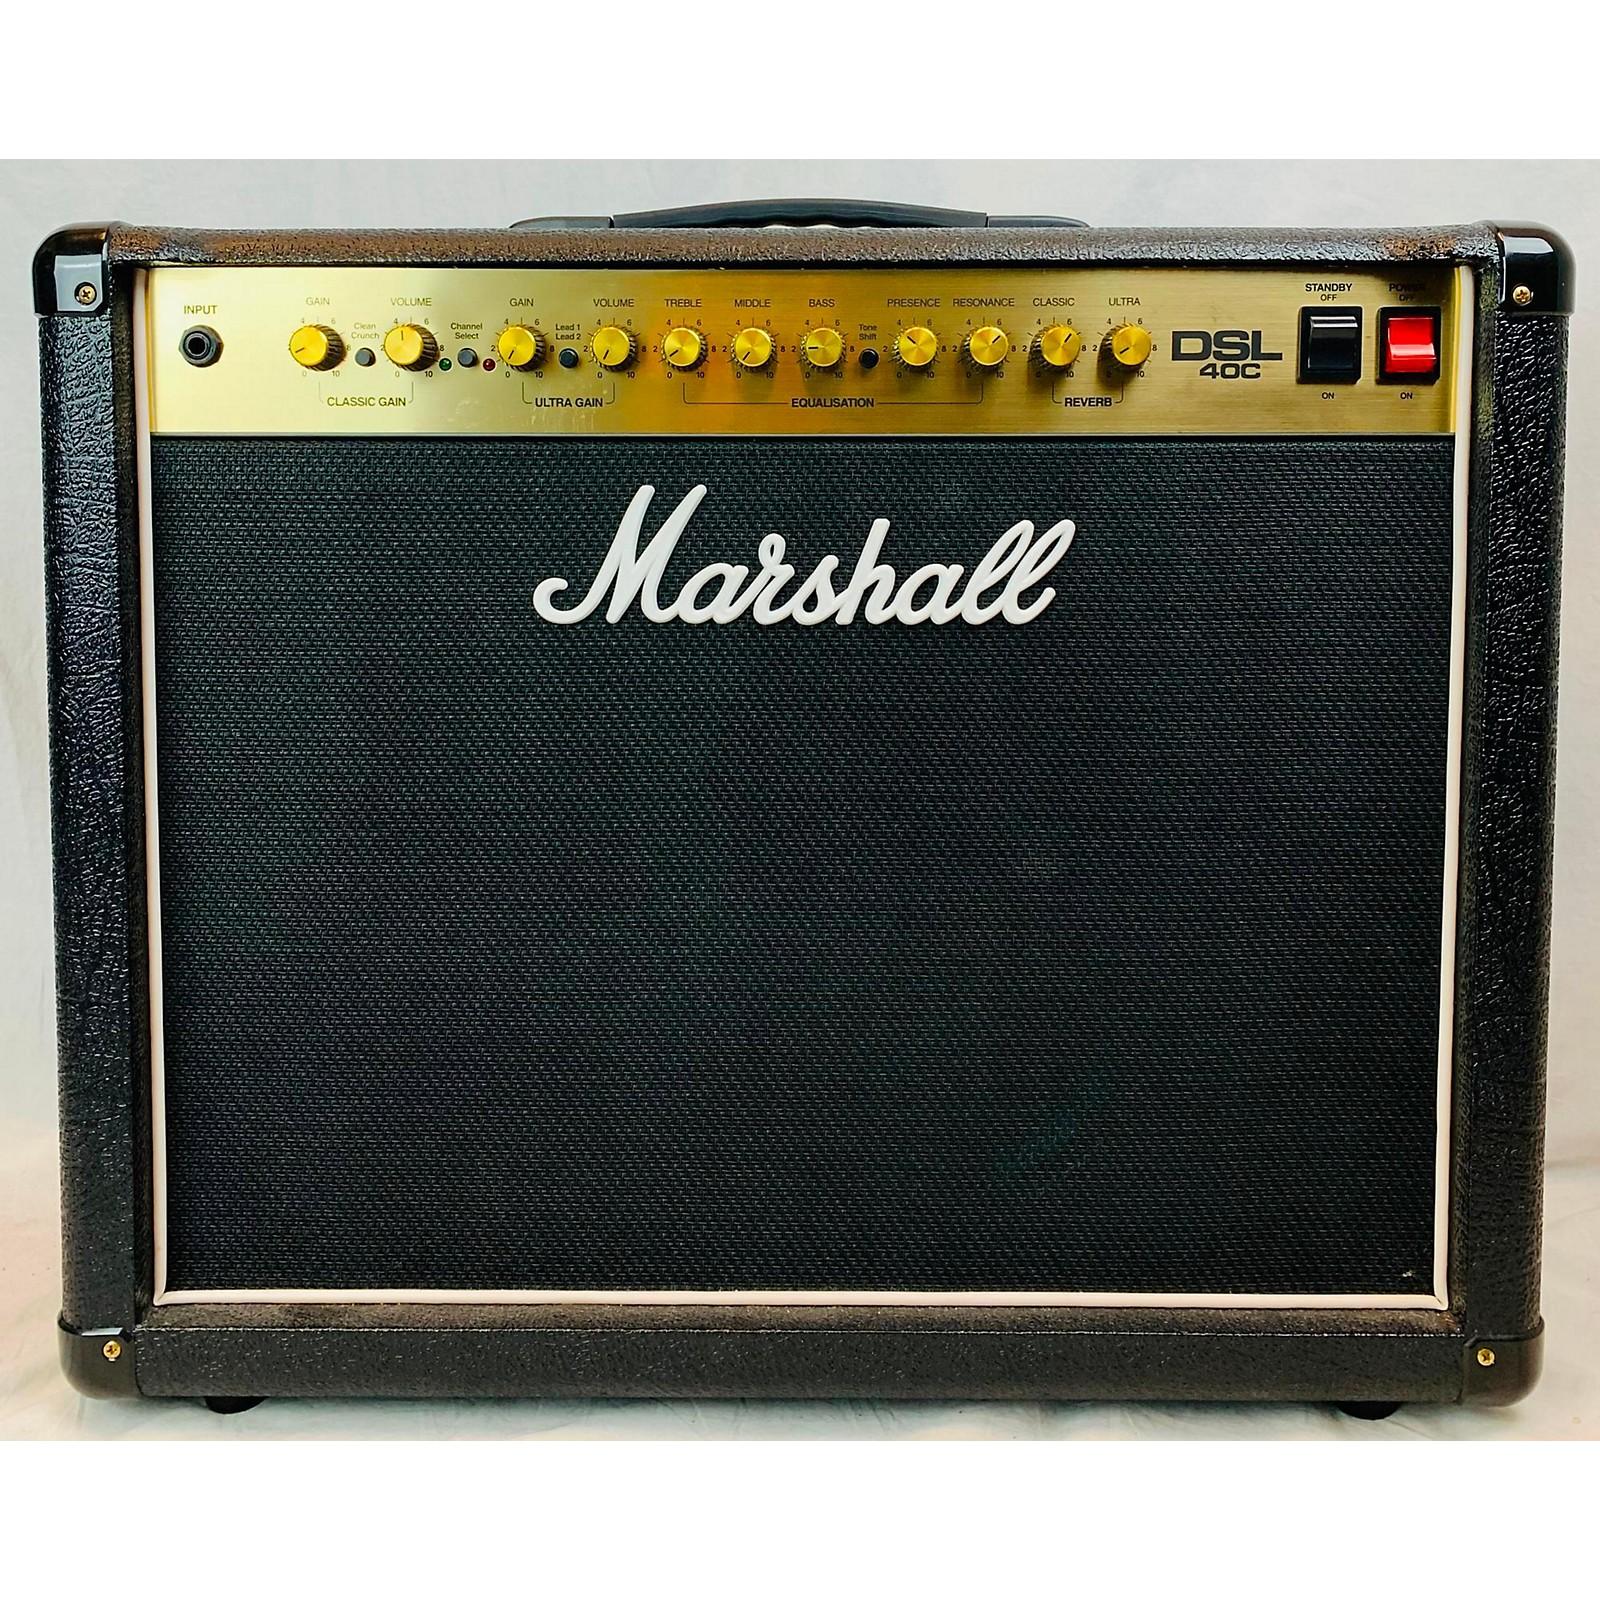 Marshall DSL40C Tube Guitar Combo Amp